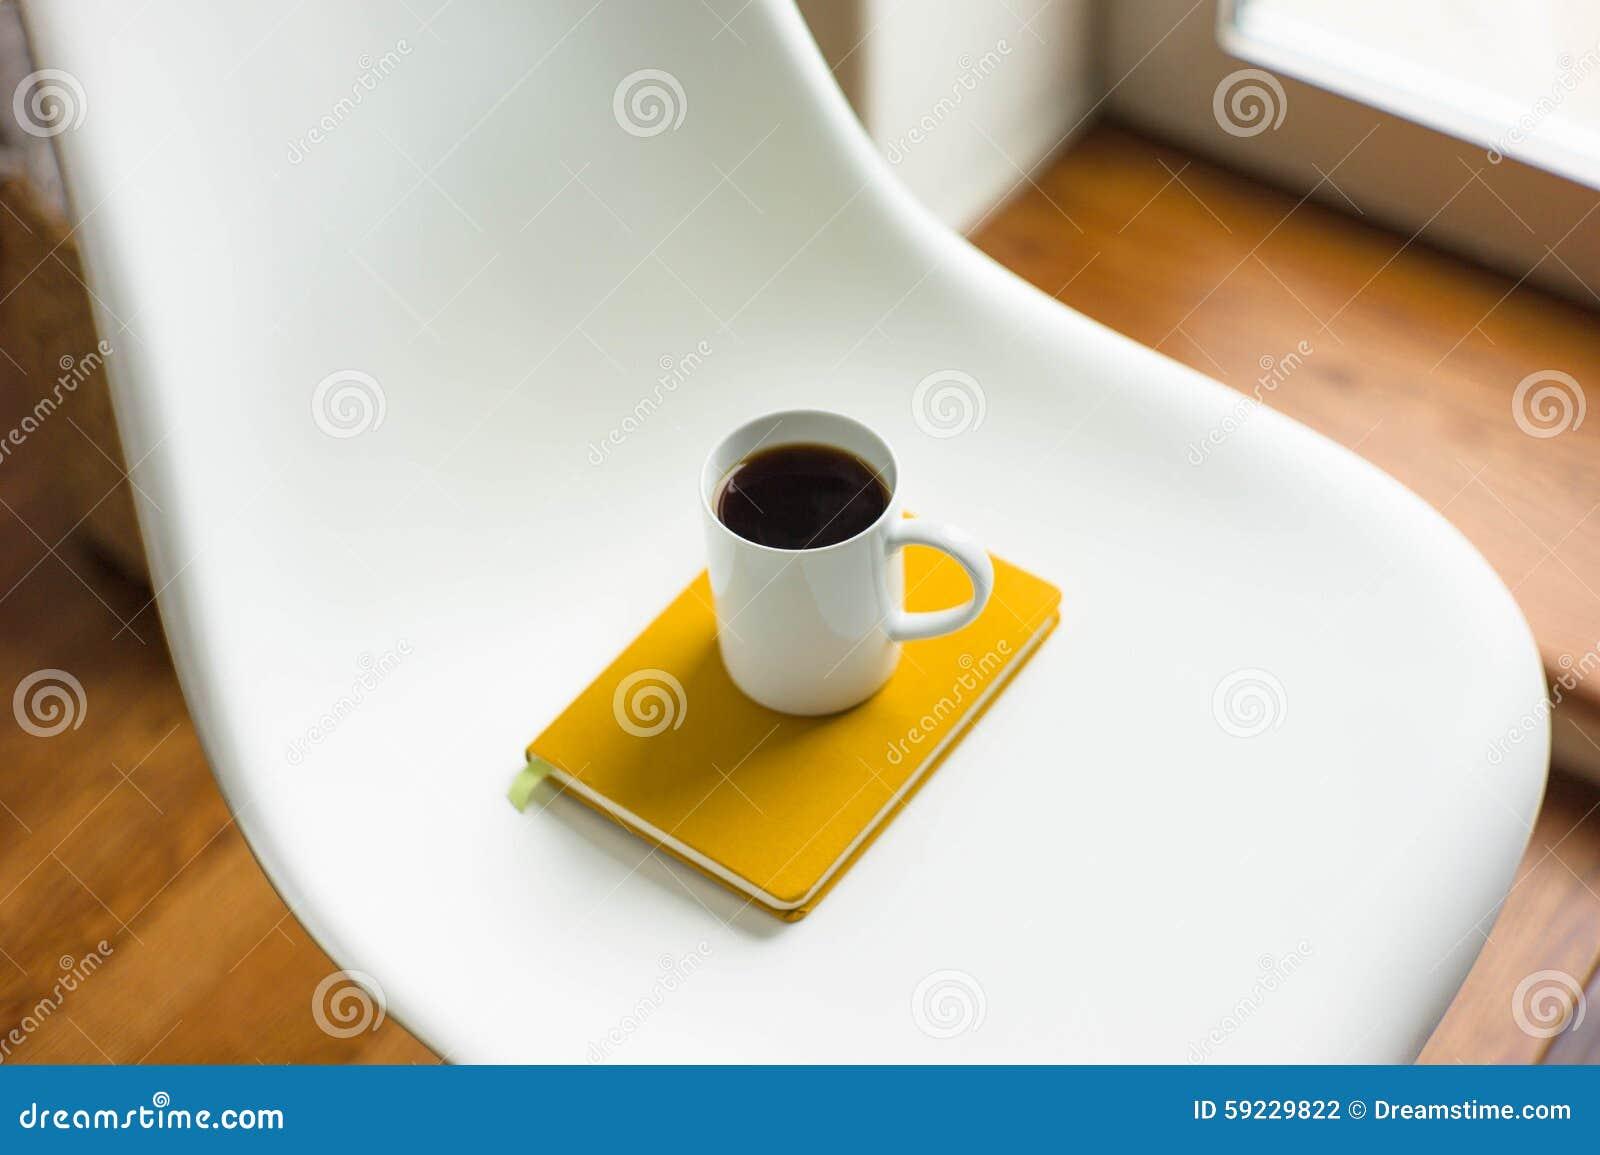 Download Taza de café en una silla foto de archivo. Imagen de amarillo - 59229822